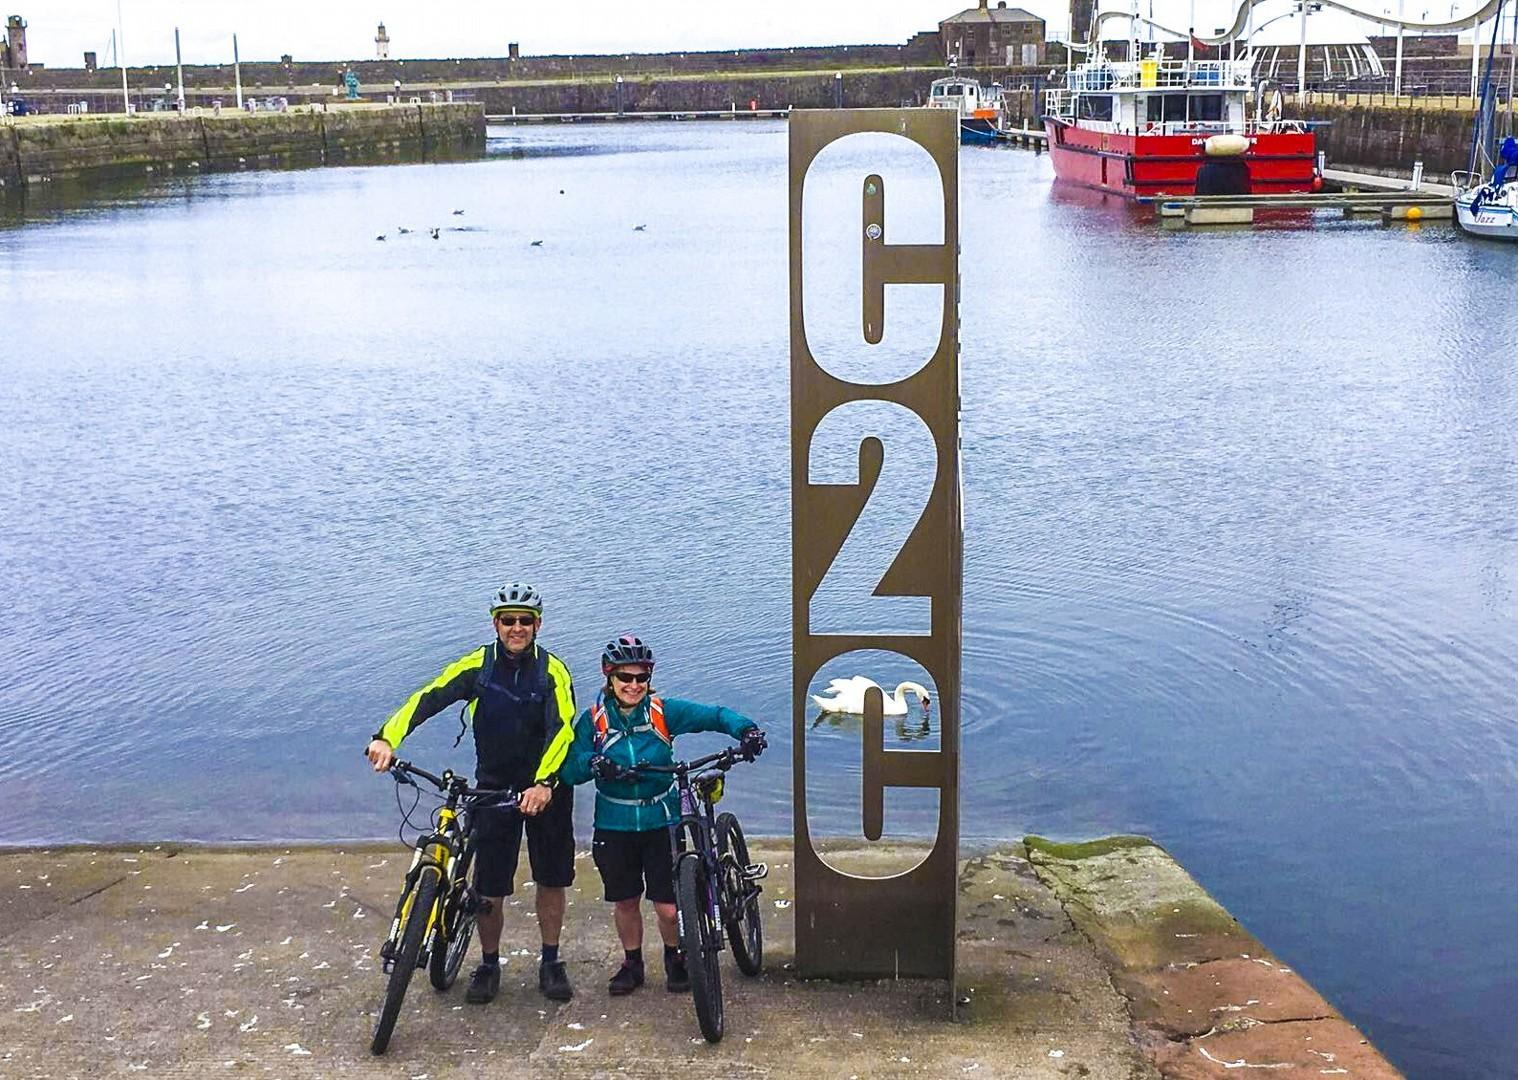 coast-to-coast-uk-whitehaven-to-newcastle-experience.jpg - UK - C2C - Coast to Coast 4 Days Cycling - Self-Guided Leisure Cycling Holiday - Leisure Cycling